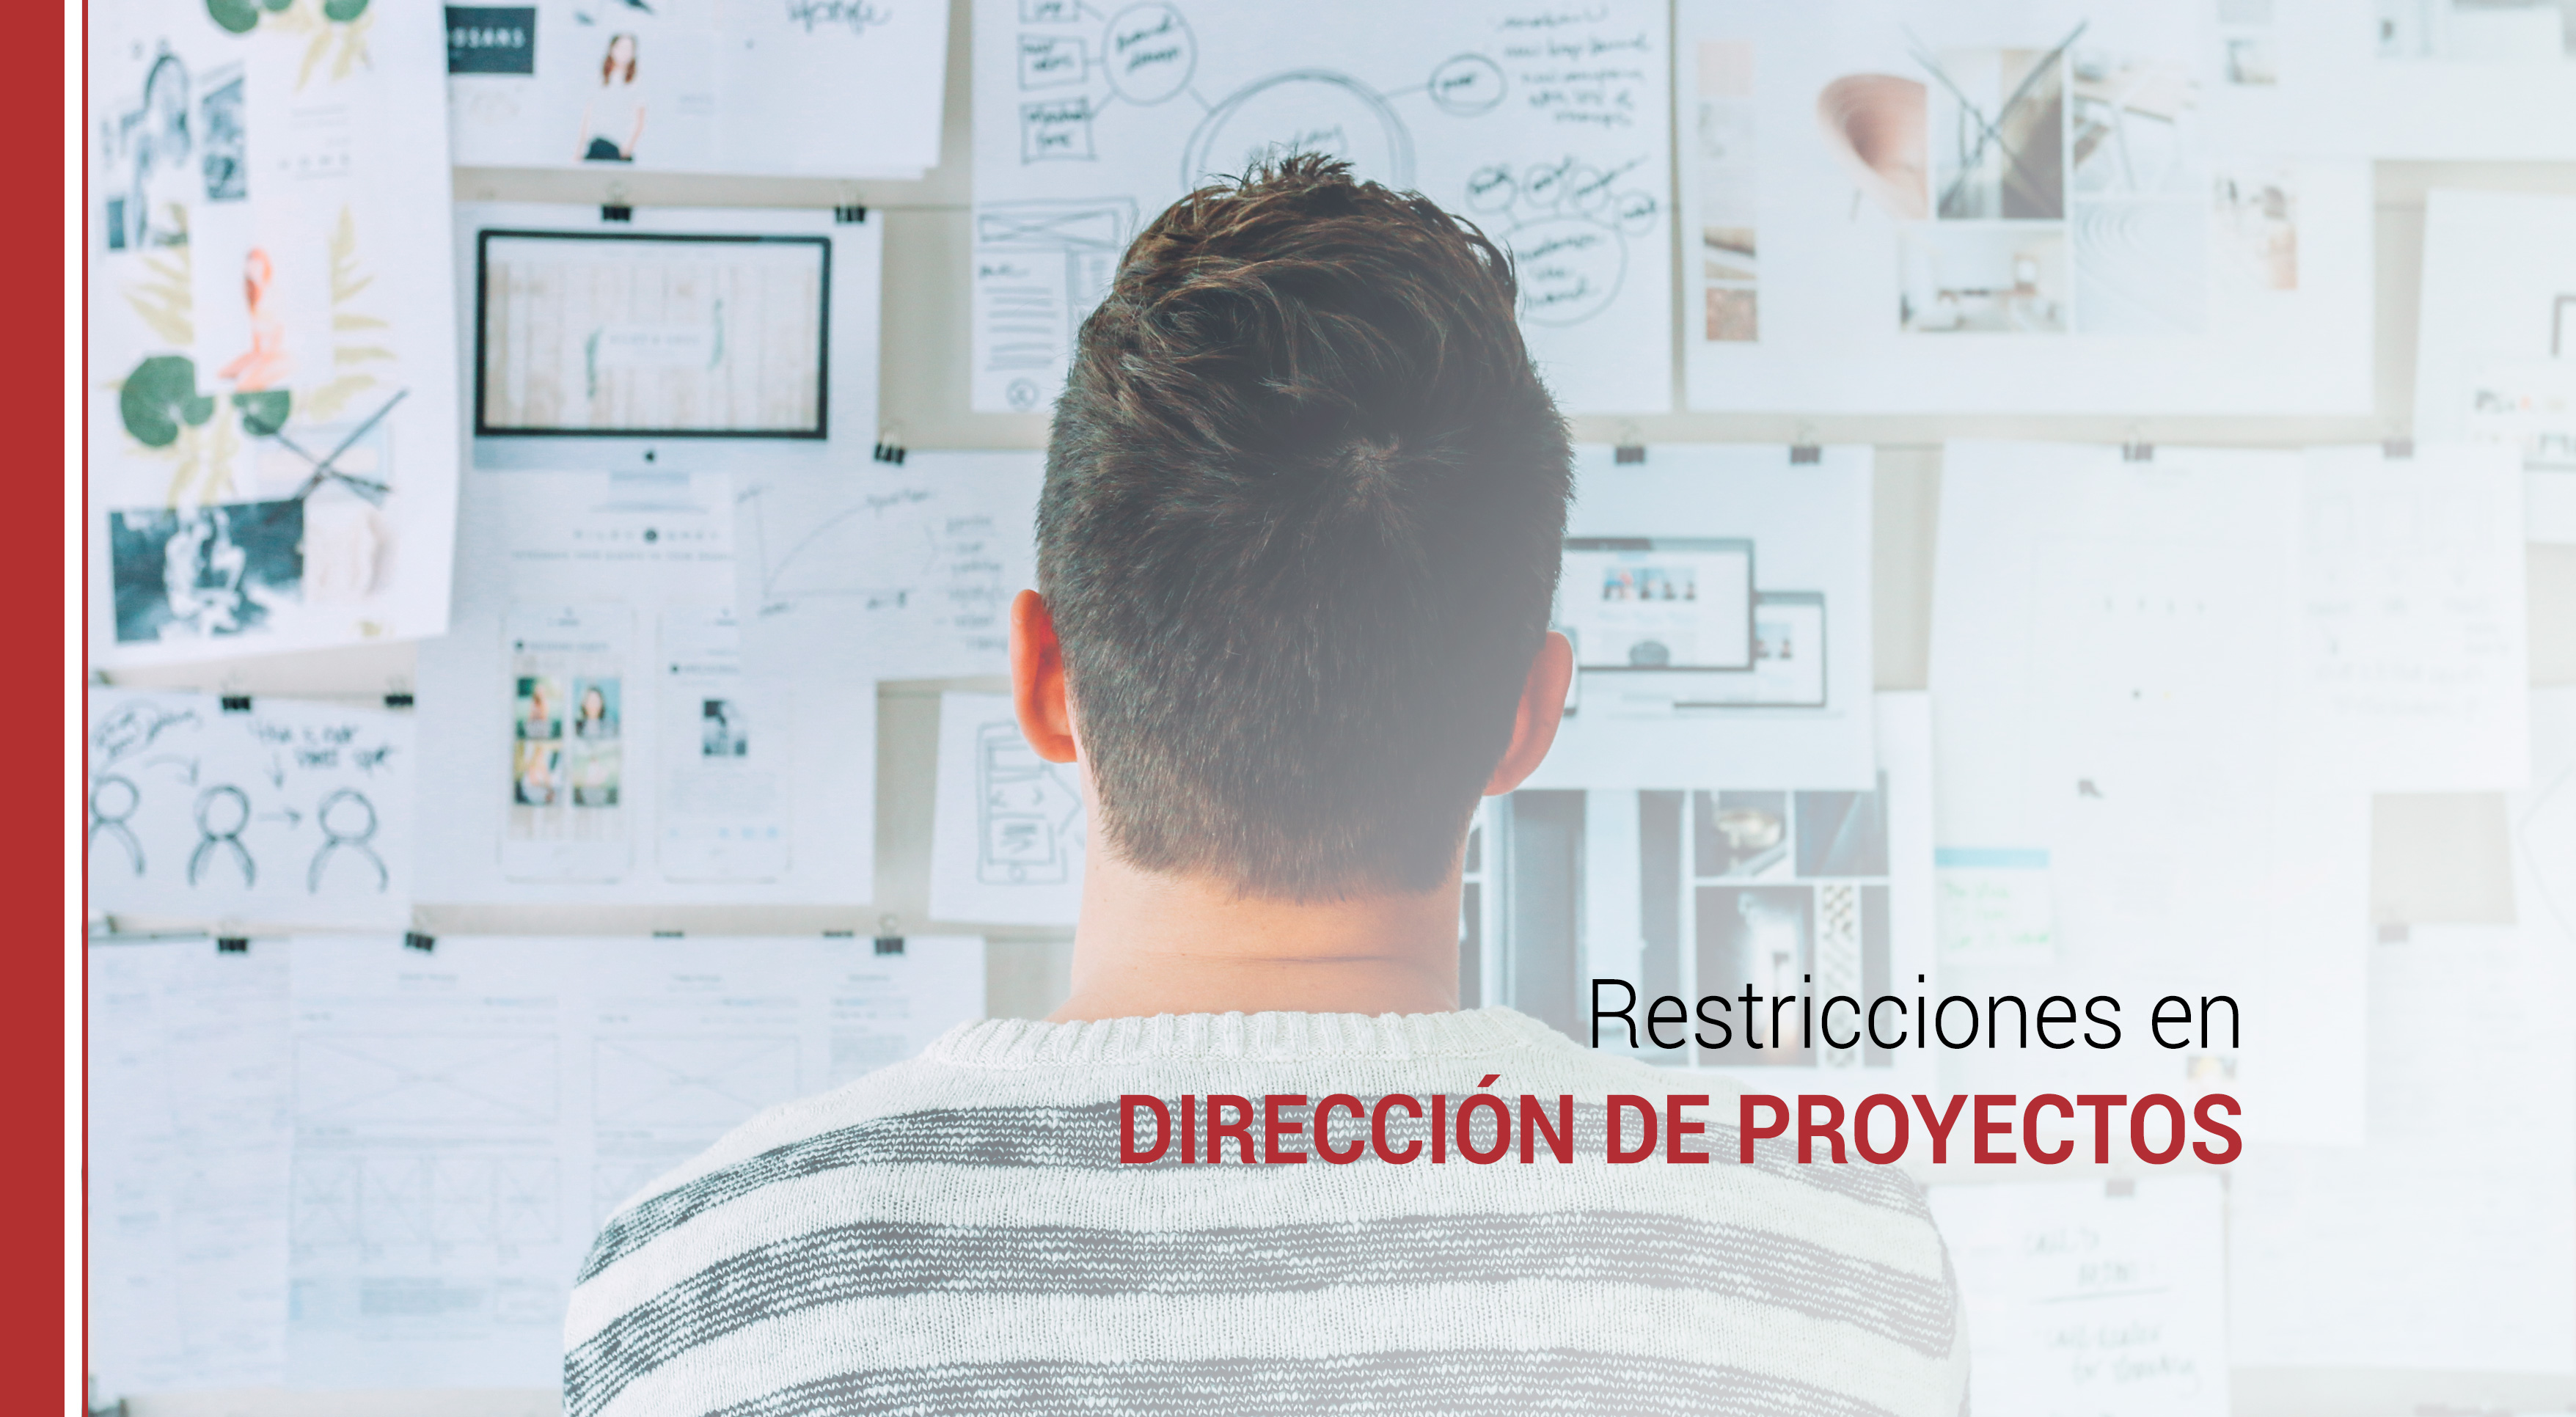 restricciones-direccion-de-proyectos Restricciones en Dirección de Proyectos: más que coste, tiempo y alcance